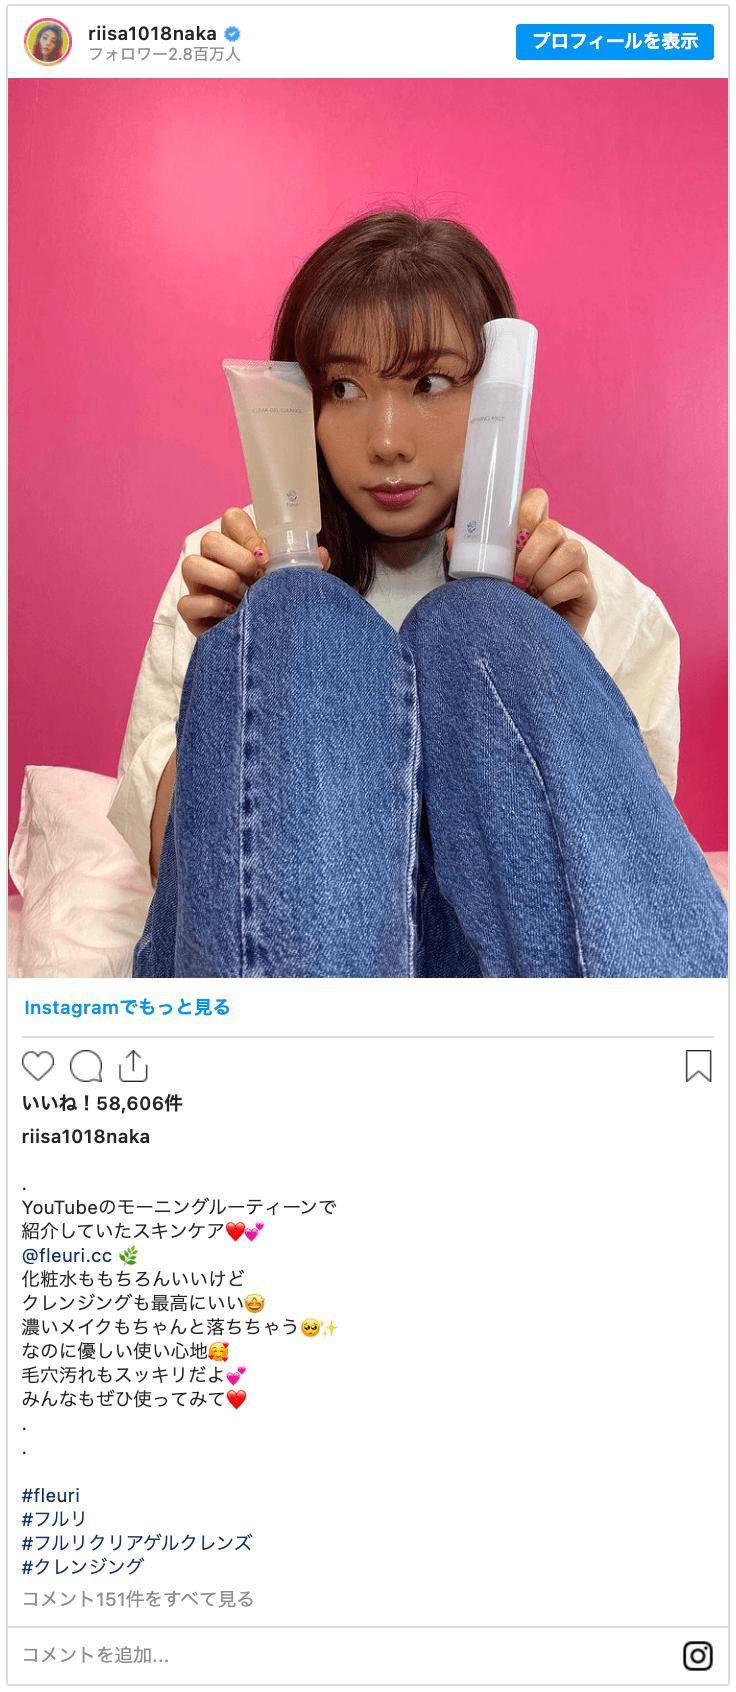 仲里依紗さん 毎日メイク 愛用コスメ③ フルリ クリアゲルクレンズ(クレンジング)